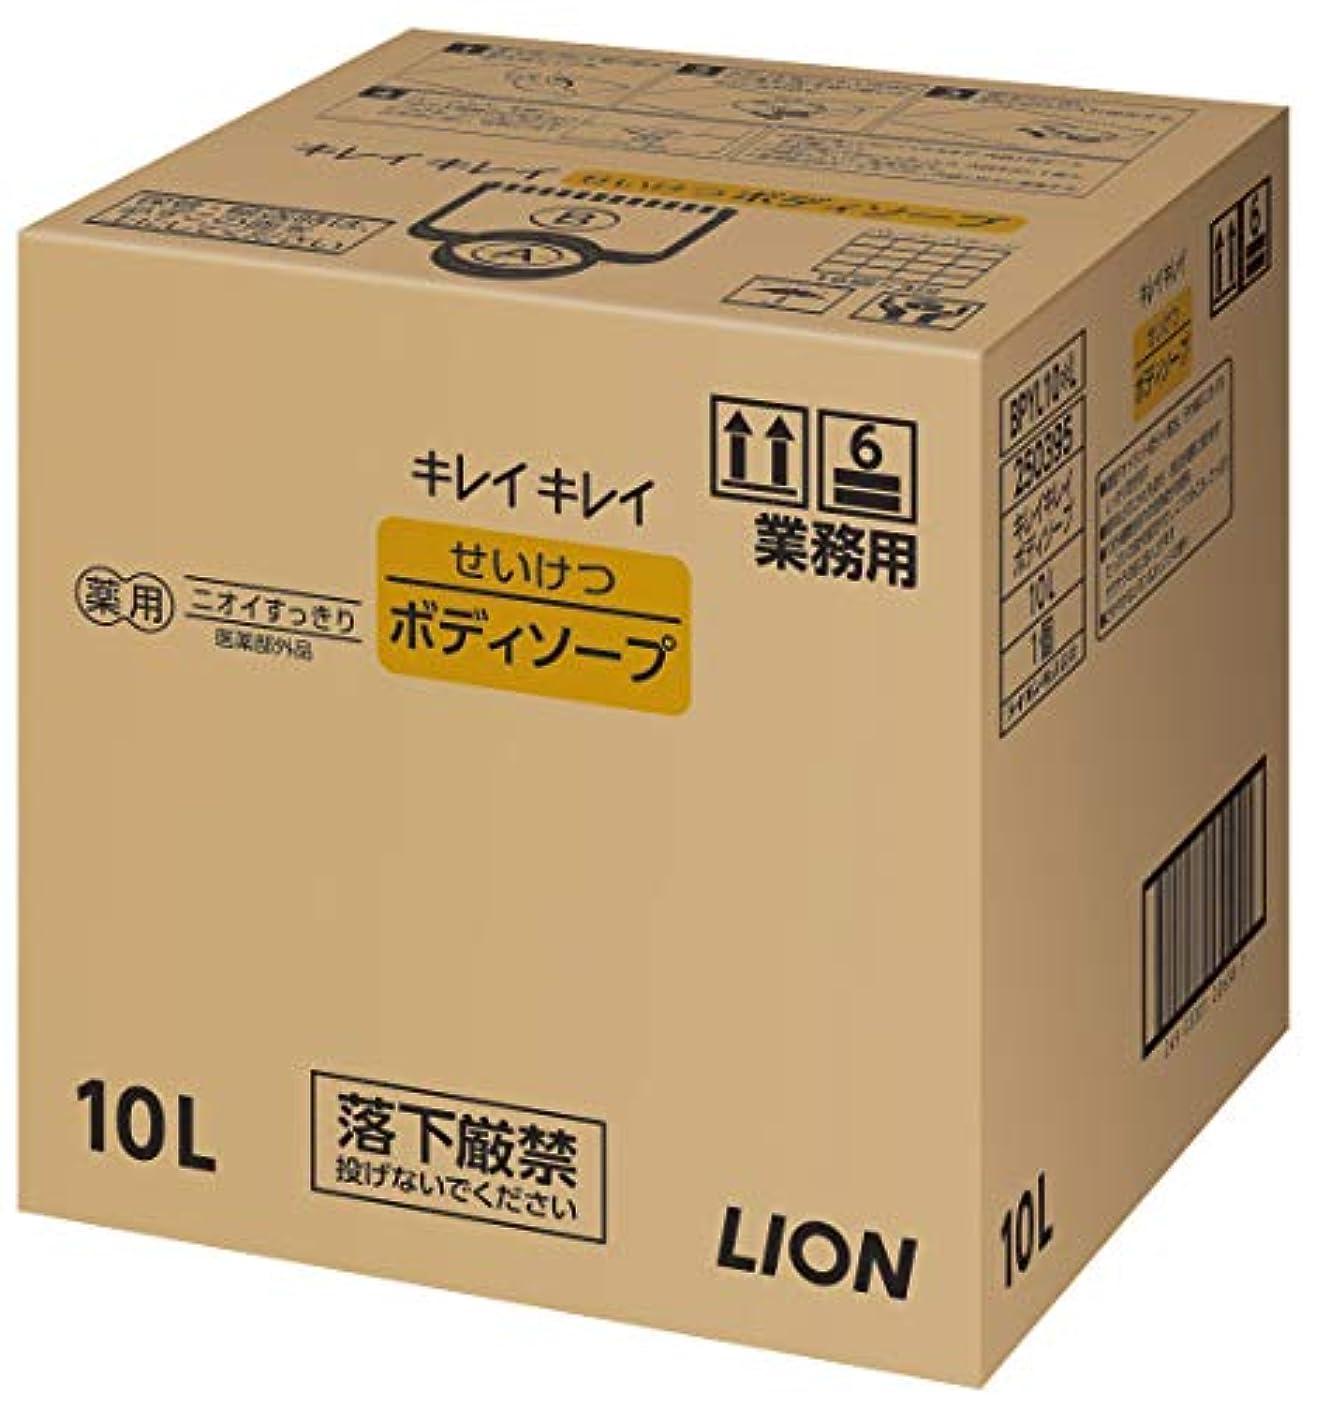 運命悪化するペルセウスキレイキレイ せいけつボディソープ さわやかなレモン&オレンジの香り 業務用 10L